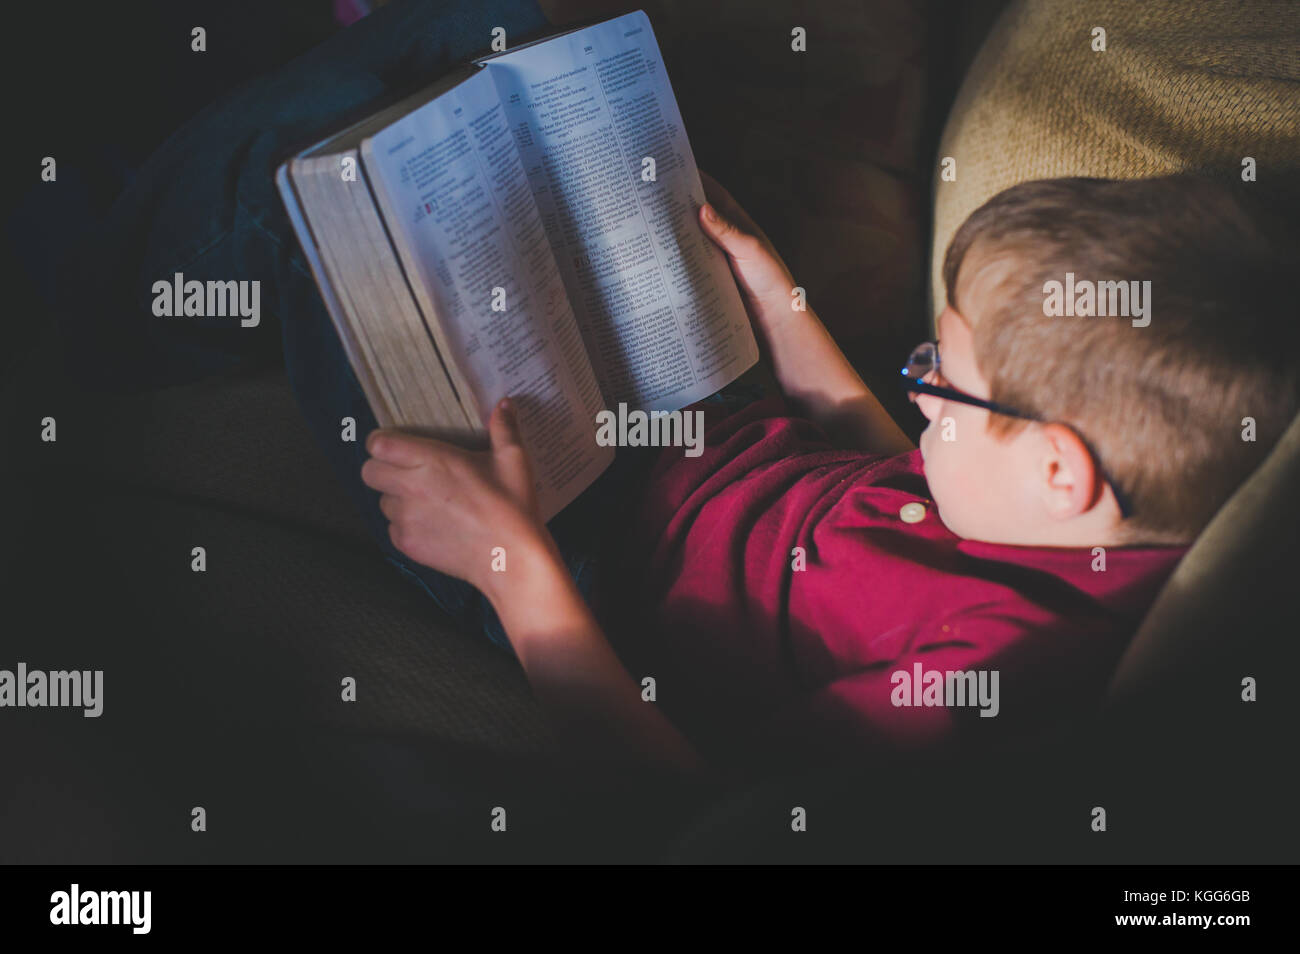 10-11 Jahre alter Junge, ein Buch zu lesen Stockbild